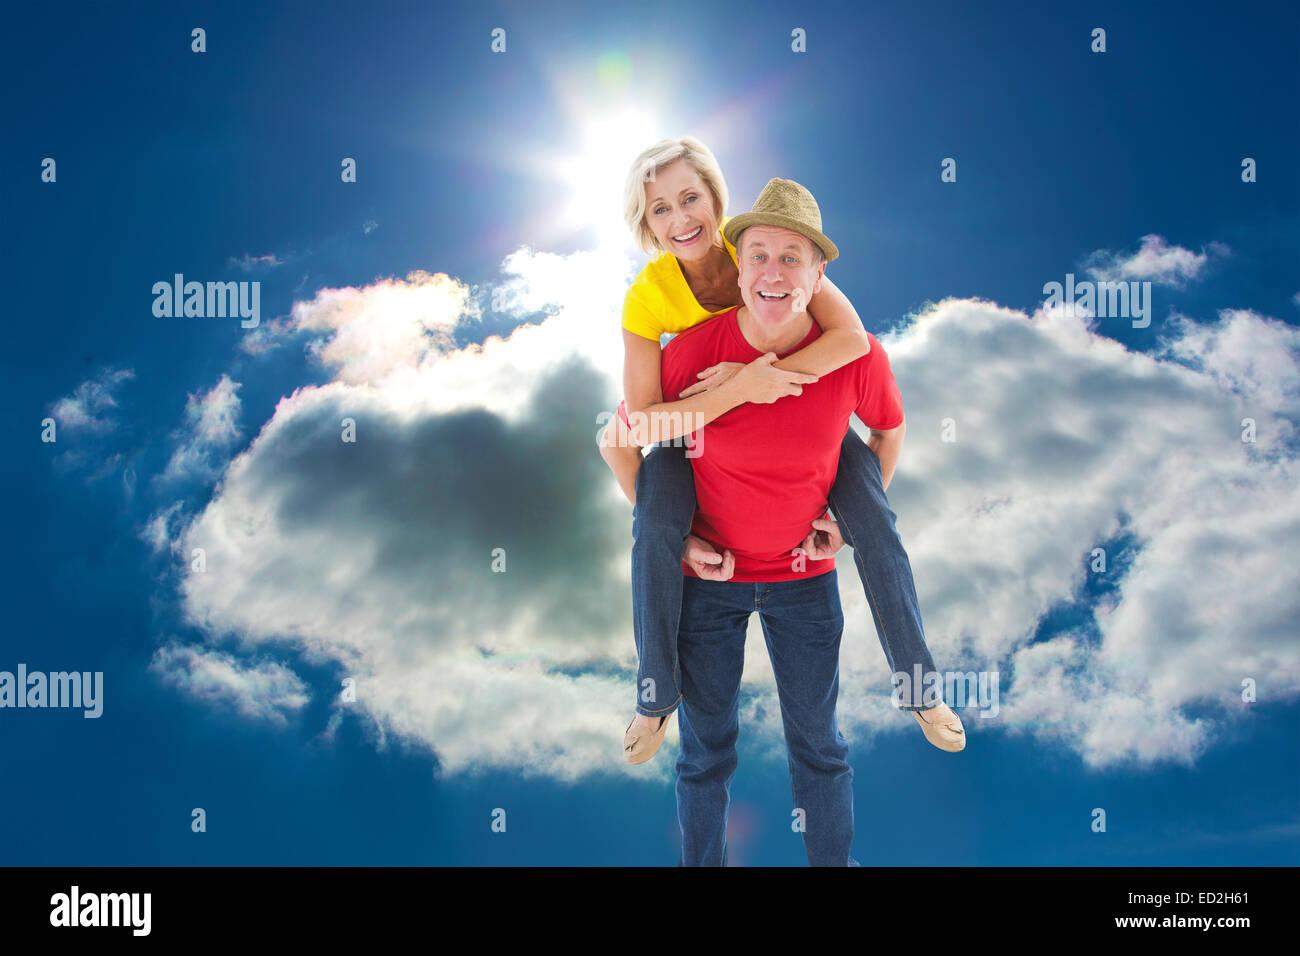 Immagine composita della coppia matura scherzando sulle insieme Foto Stock